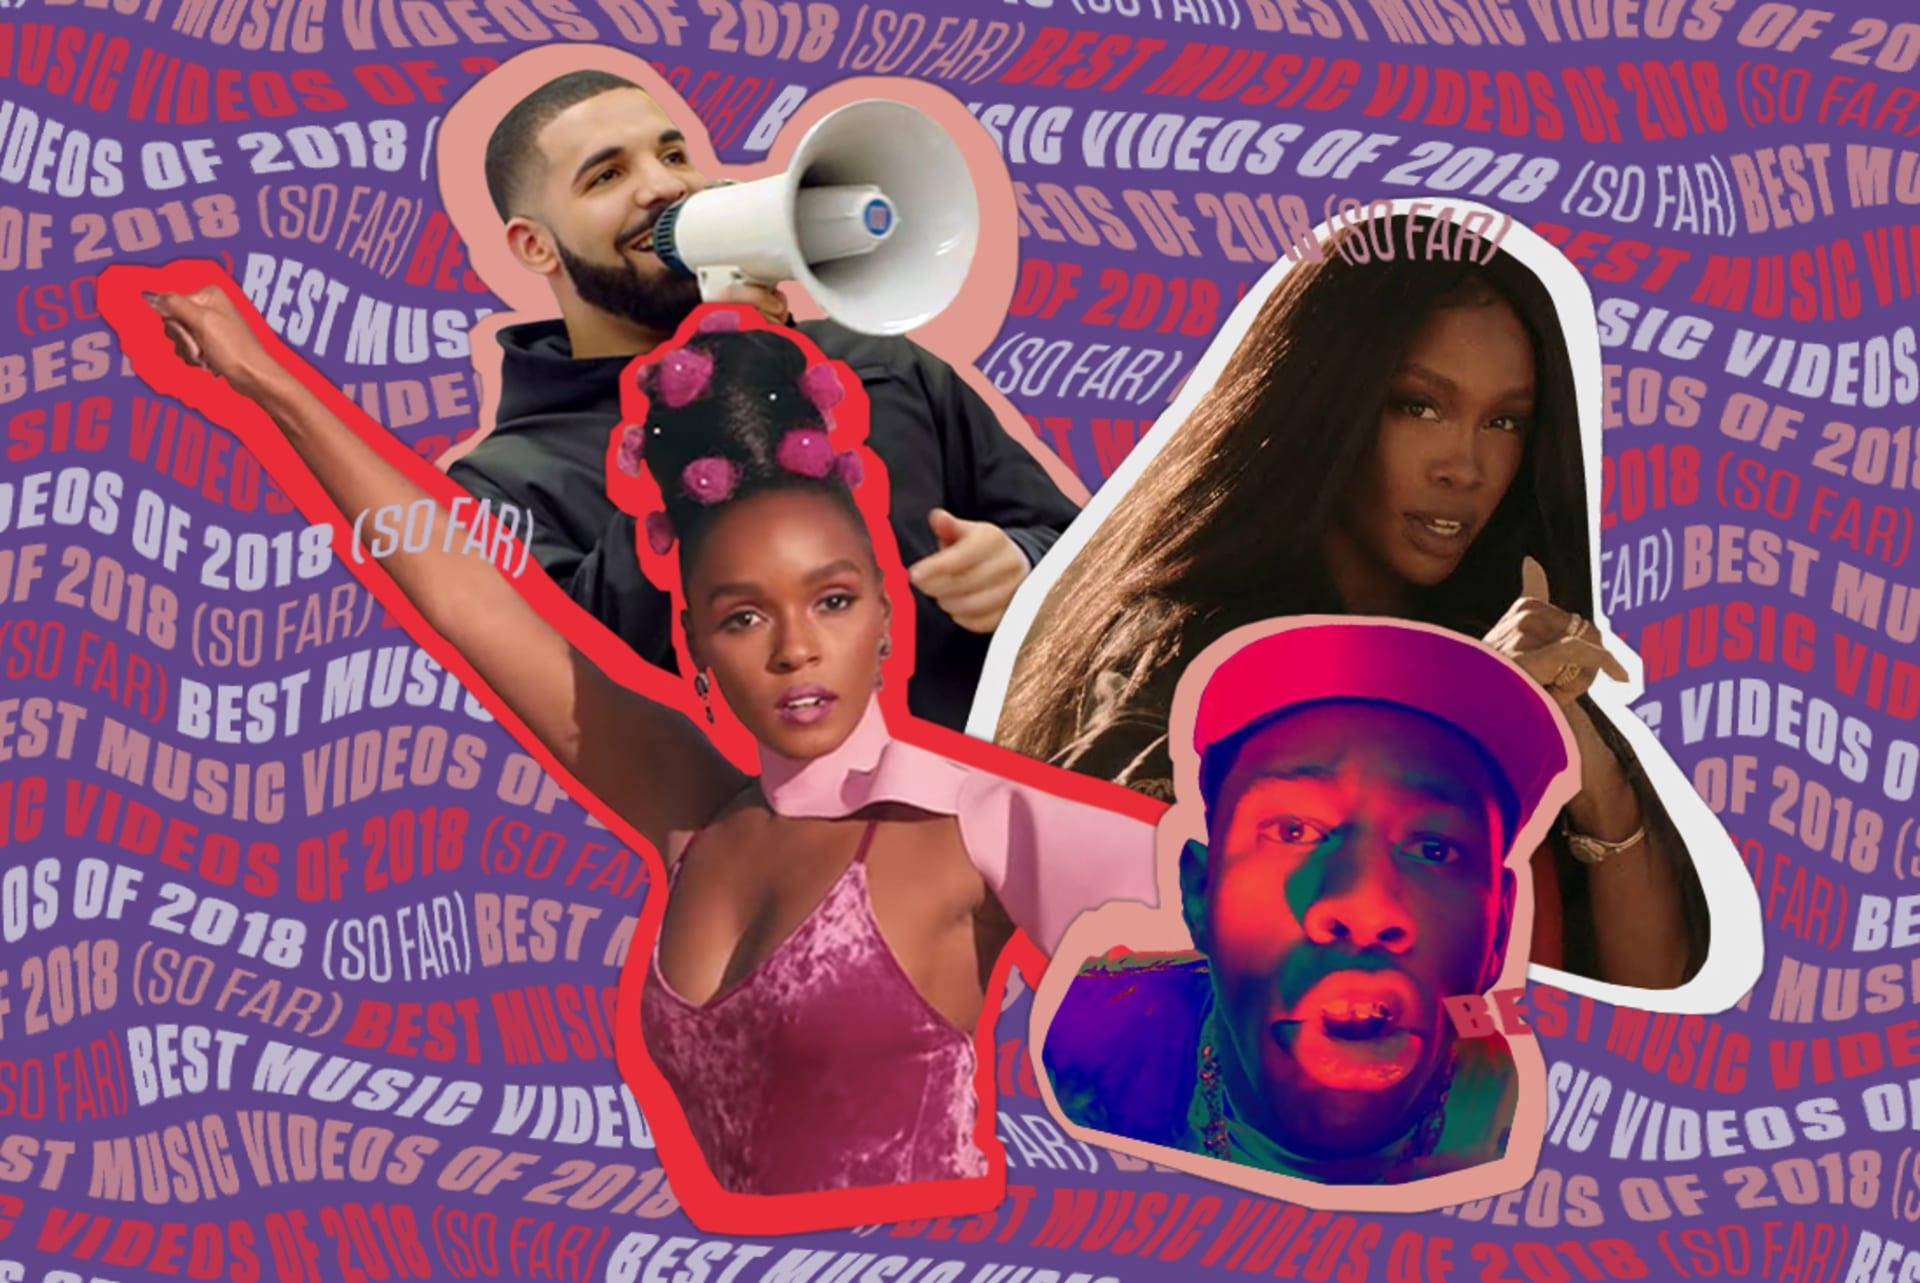 The Best Music Videos of 2018 (So Far)  addaf5f3577